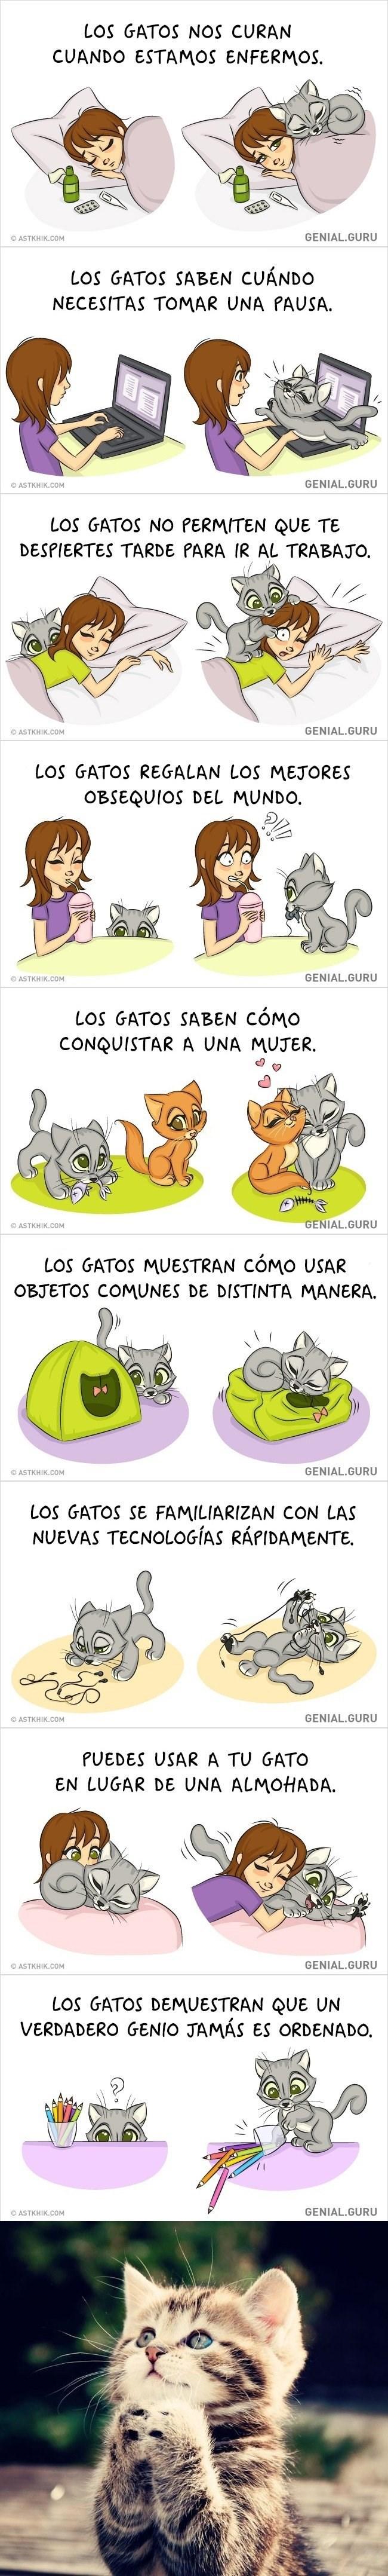 varias razones en vinetas por las que tener un gato